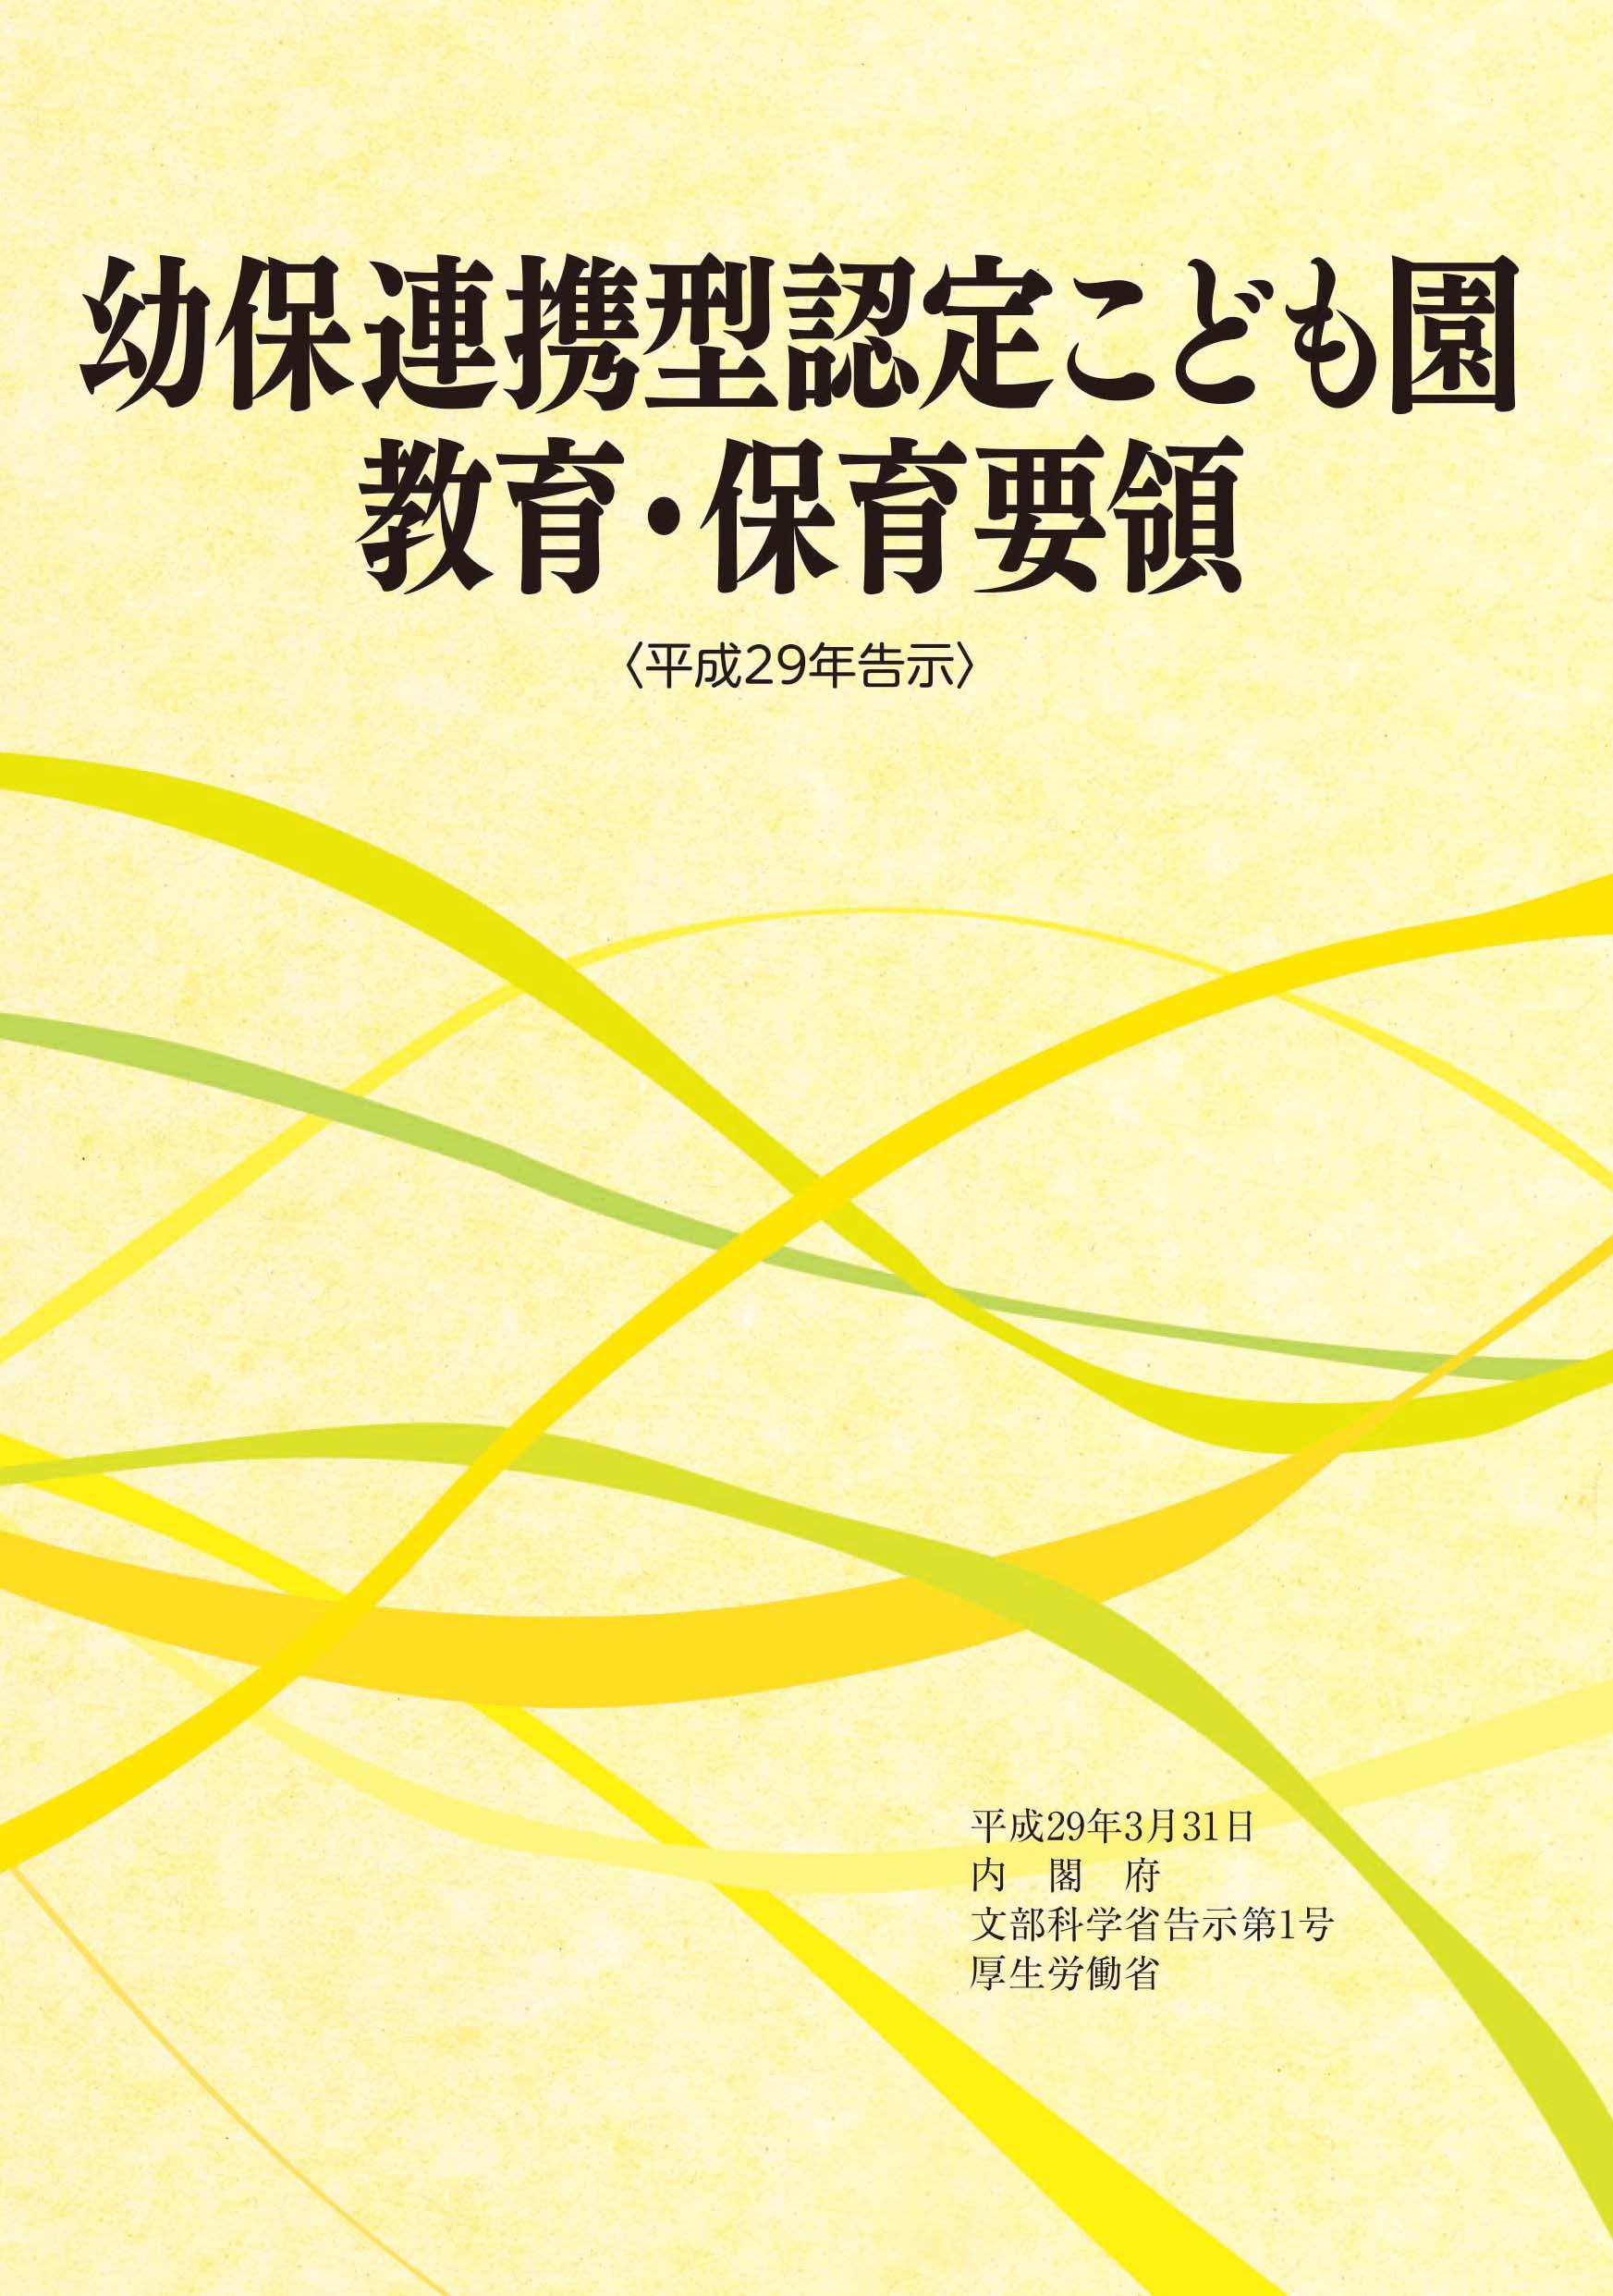 書籍案内/『幼保連携型認定こども園教育・保育要領』